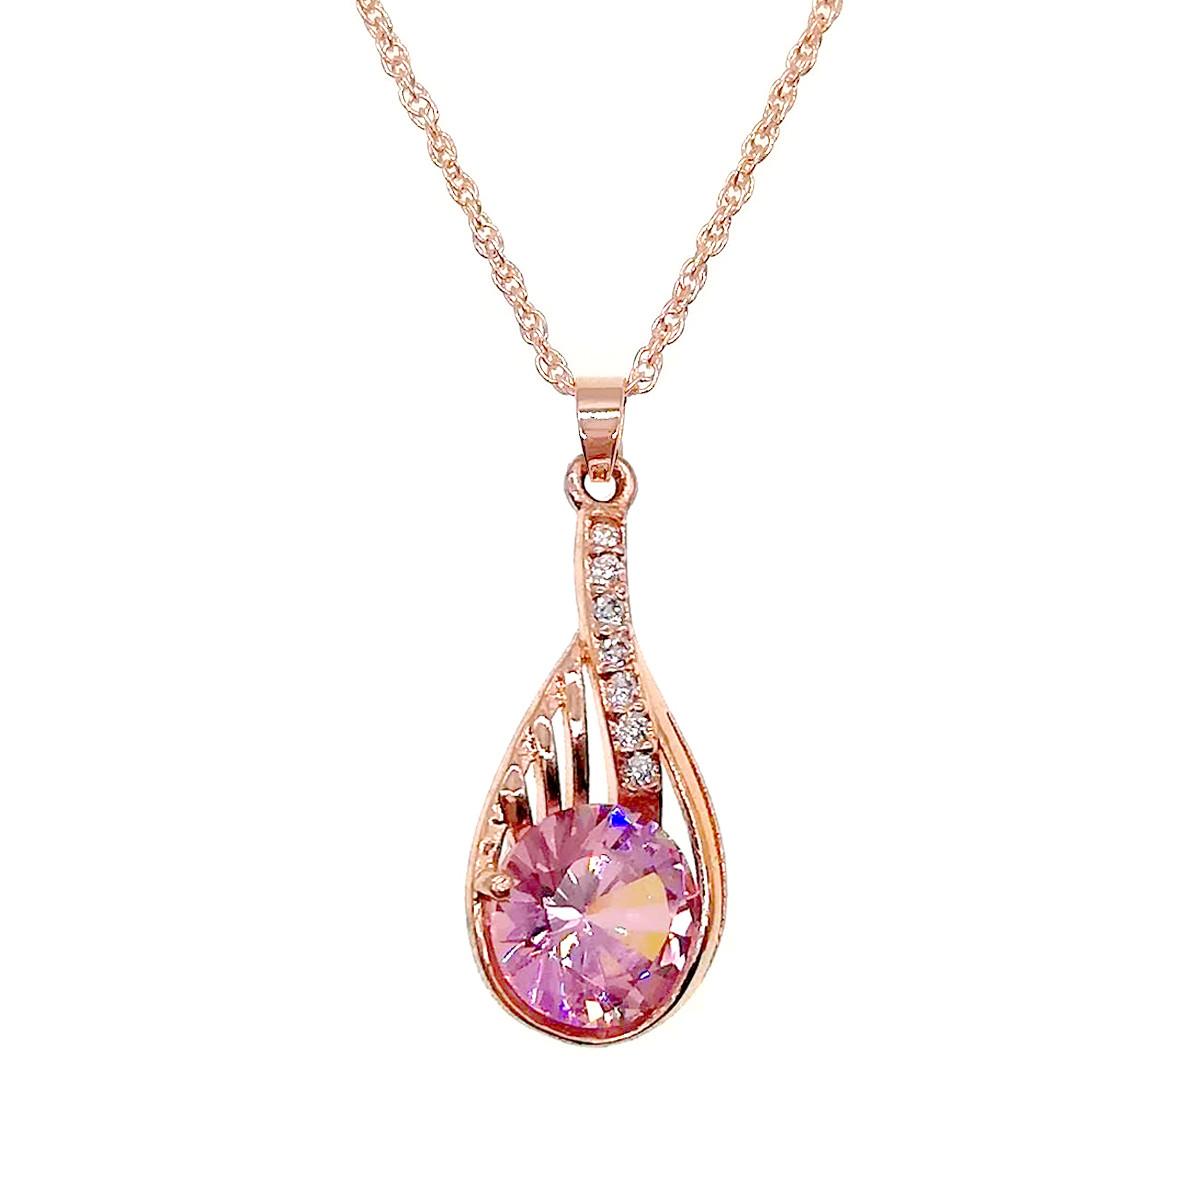 Подвеска на цепочке SONATA из медицинского золота, нежно-розовый фианит, позолота PO, 42232